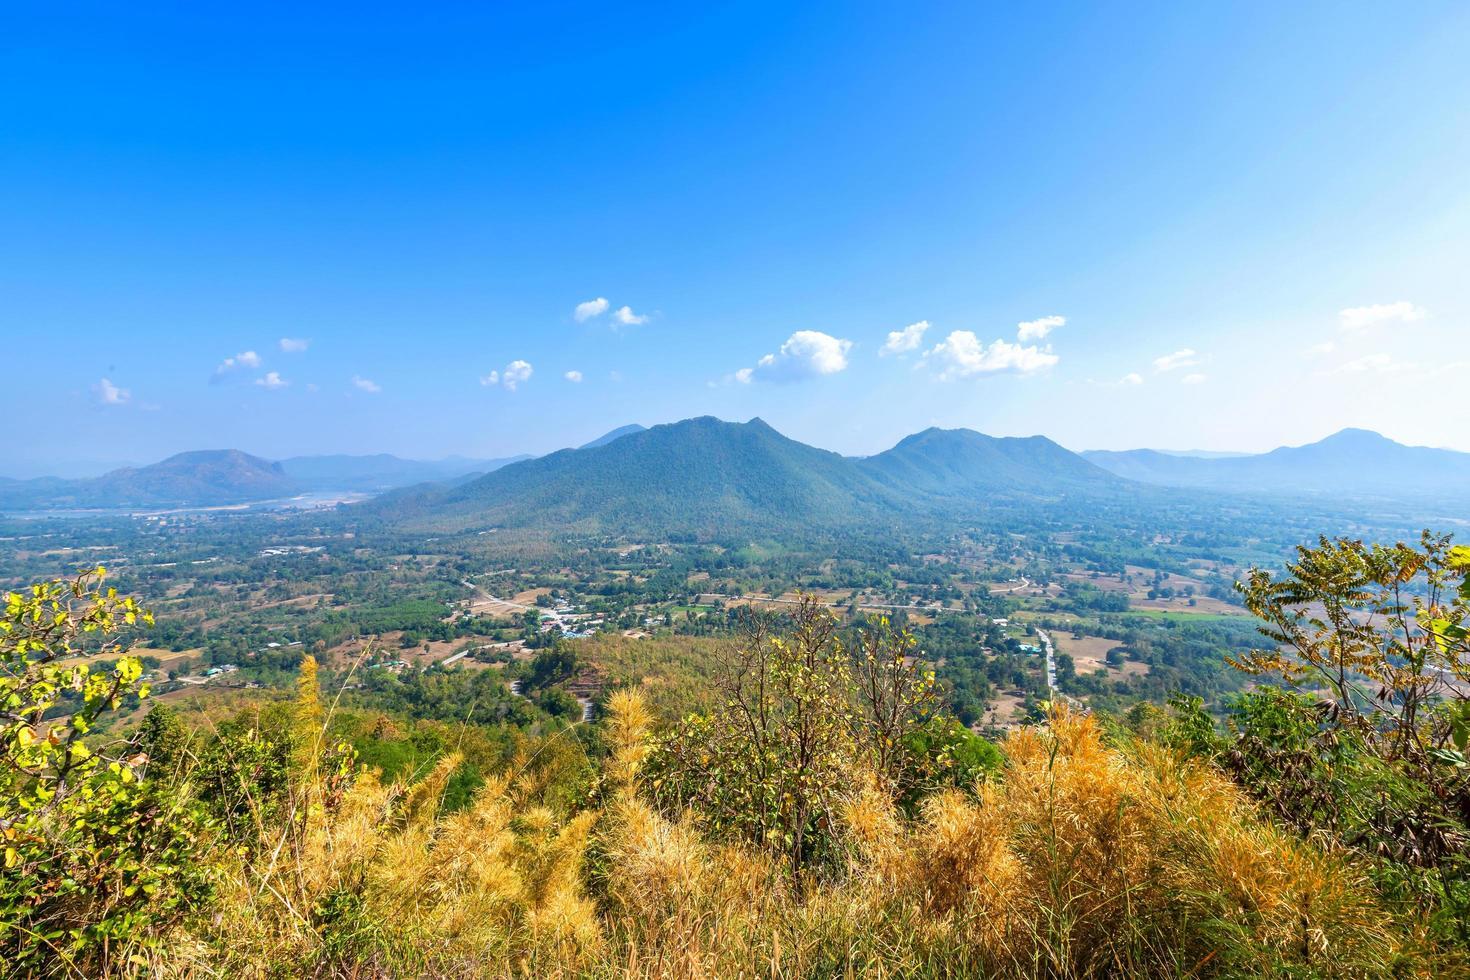 foresta phu thok park della catena montuosa foto